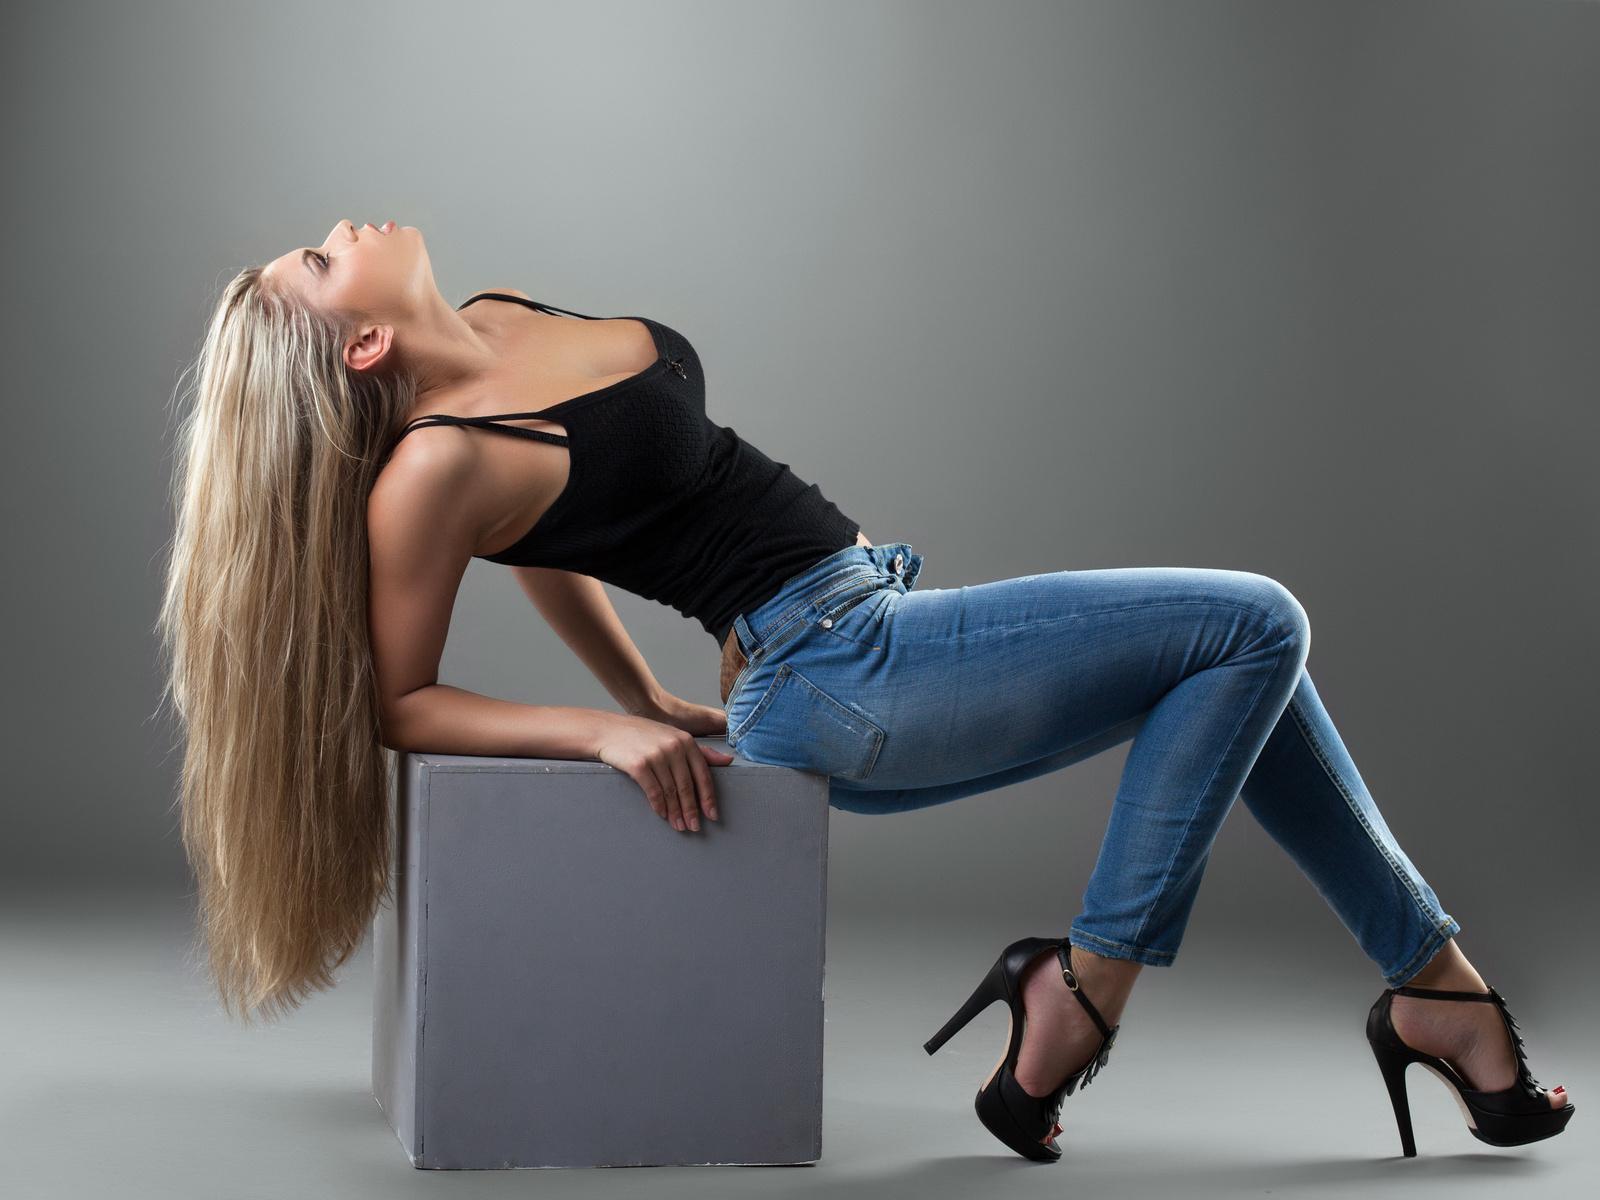 Стройная в джинсах попа, Трах Милашек В Джинсах, Секс В Джинсах Bravo Porn 7 фотография